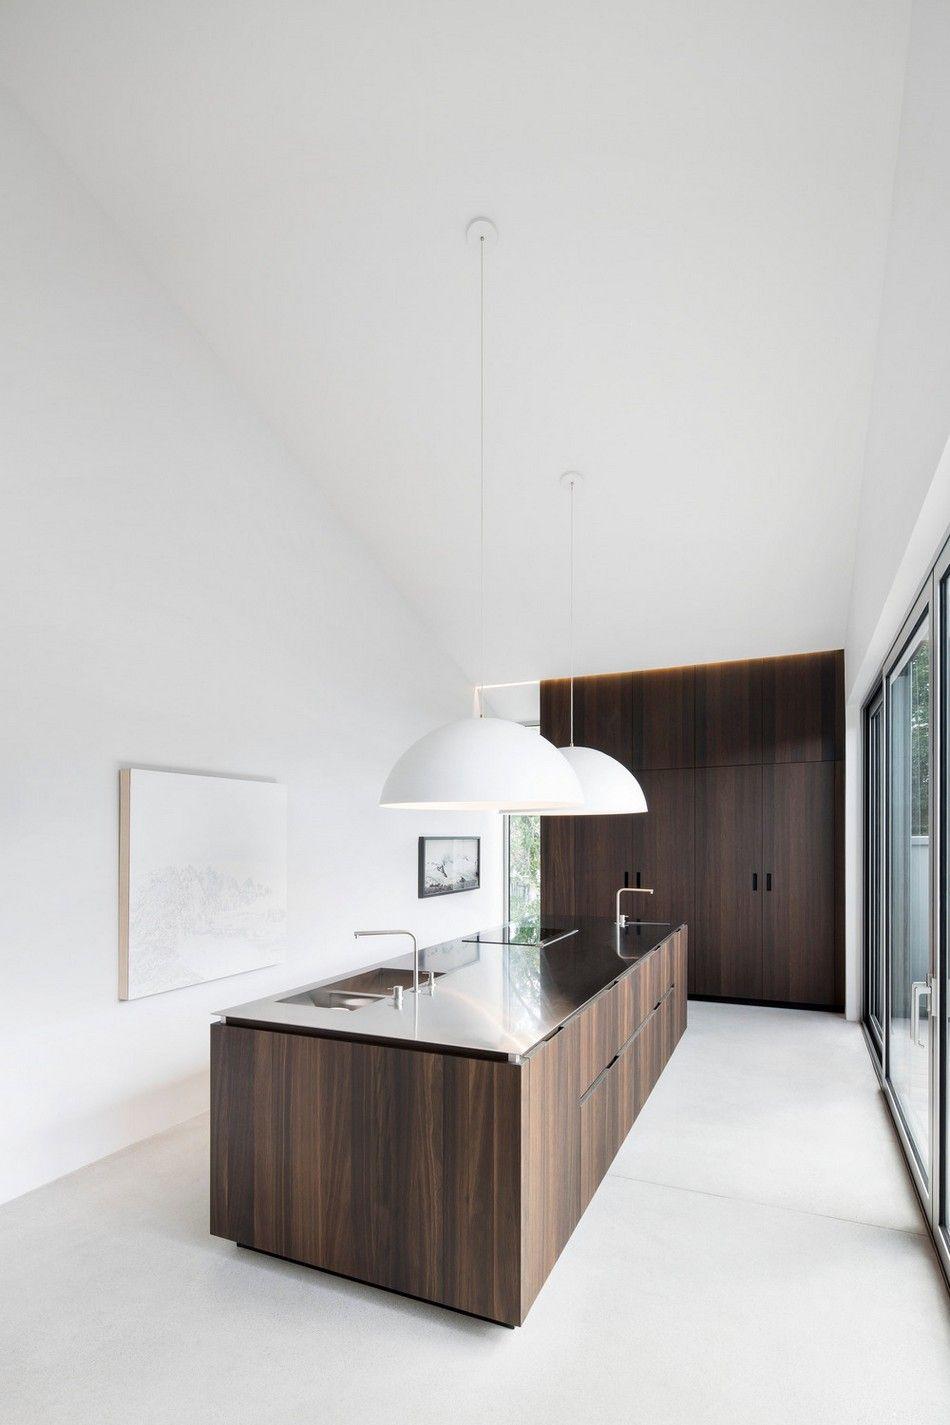 Küchenschränke design modern residence   minimalistisch  pinterest  haus küchen